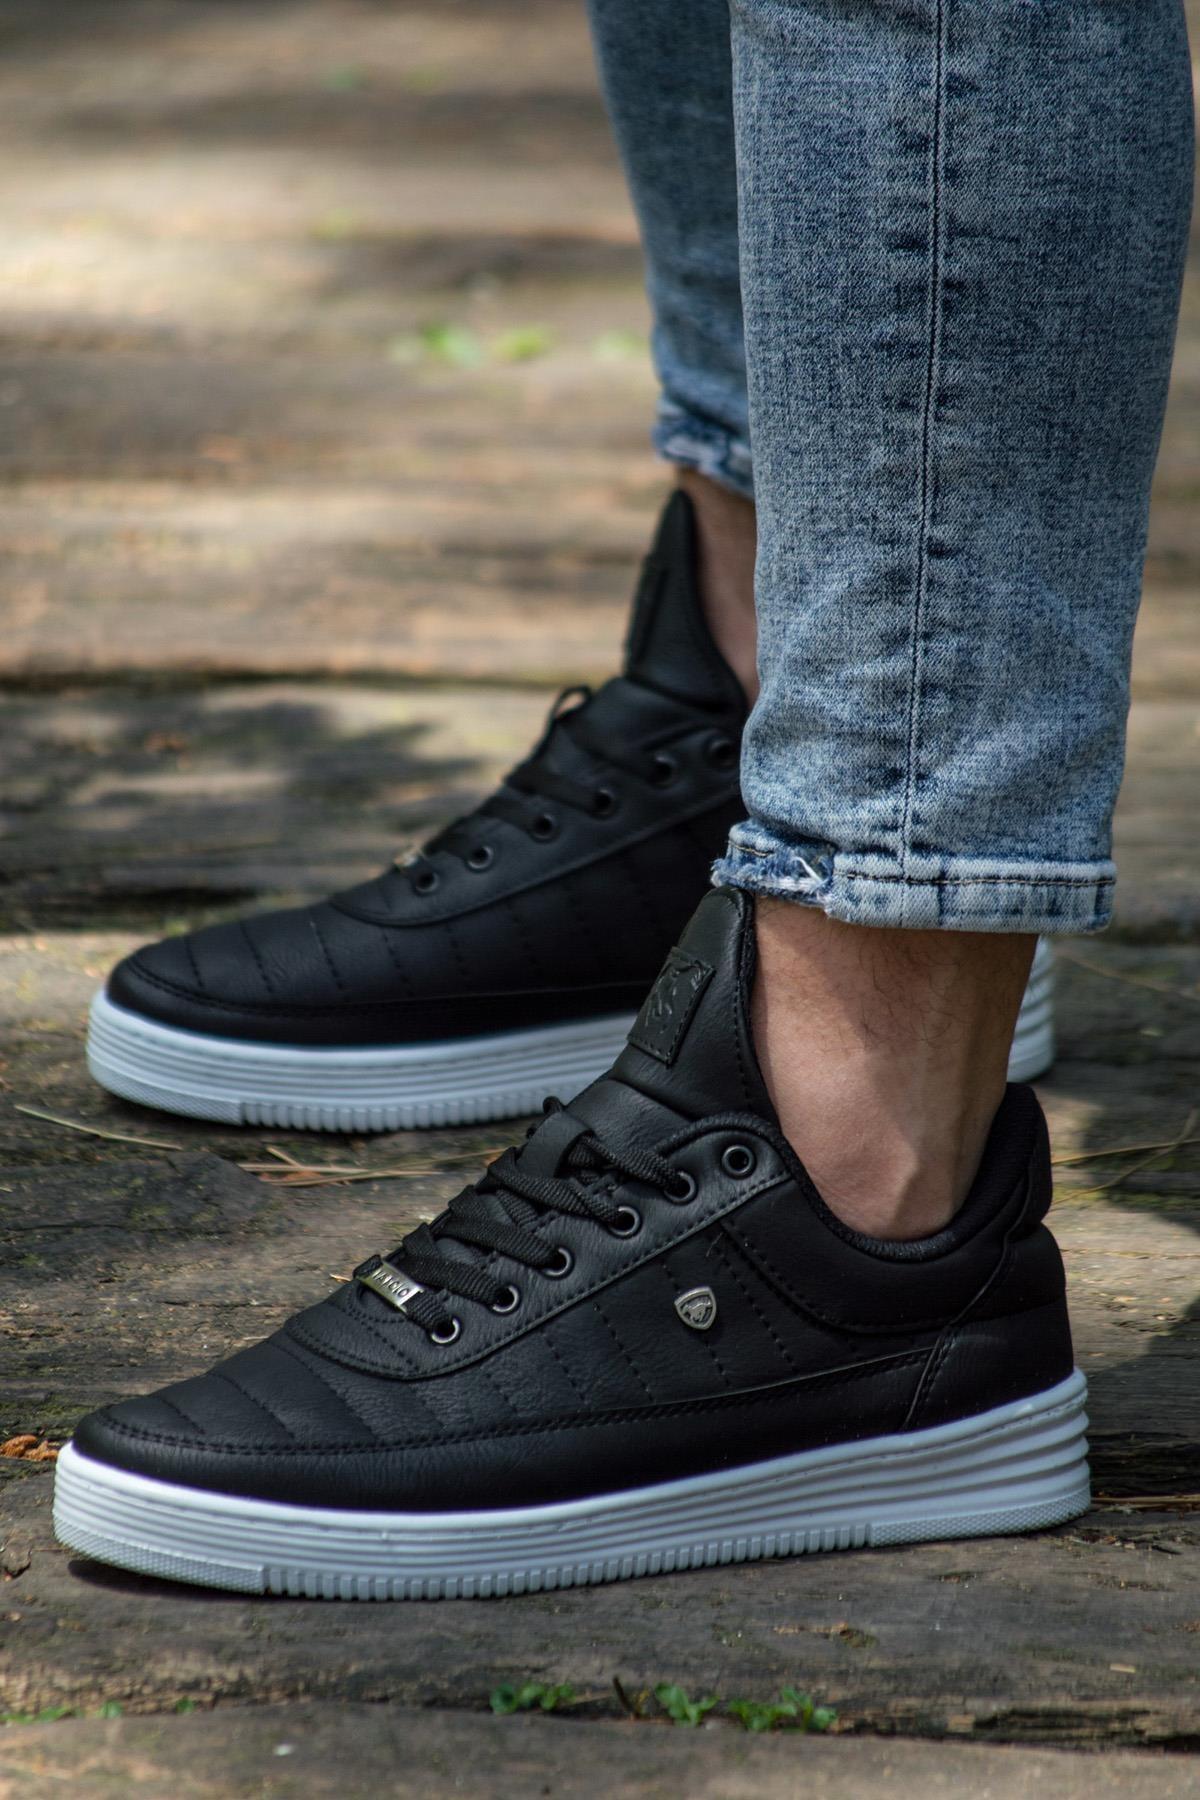 07 Siyah Beyaz Dikişli Unisex Spor Ayakkabı